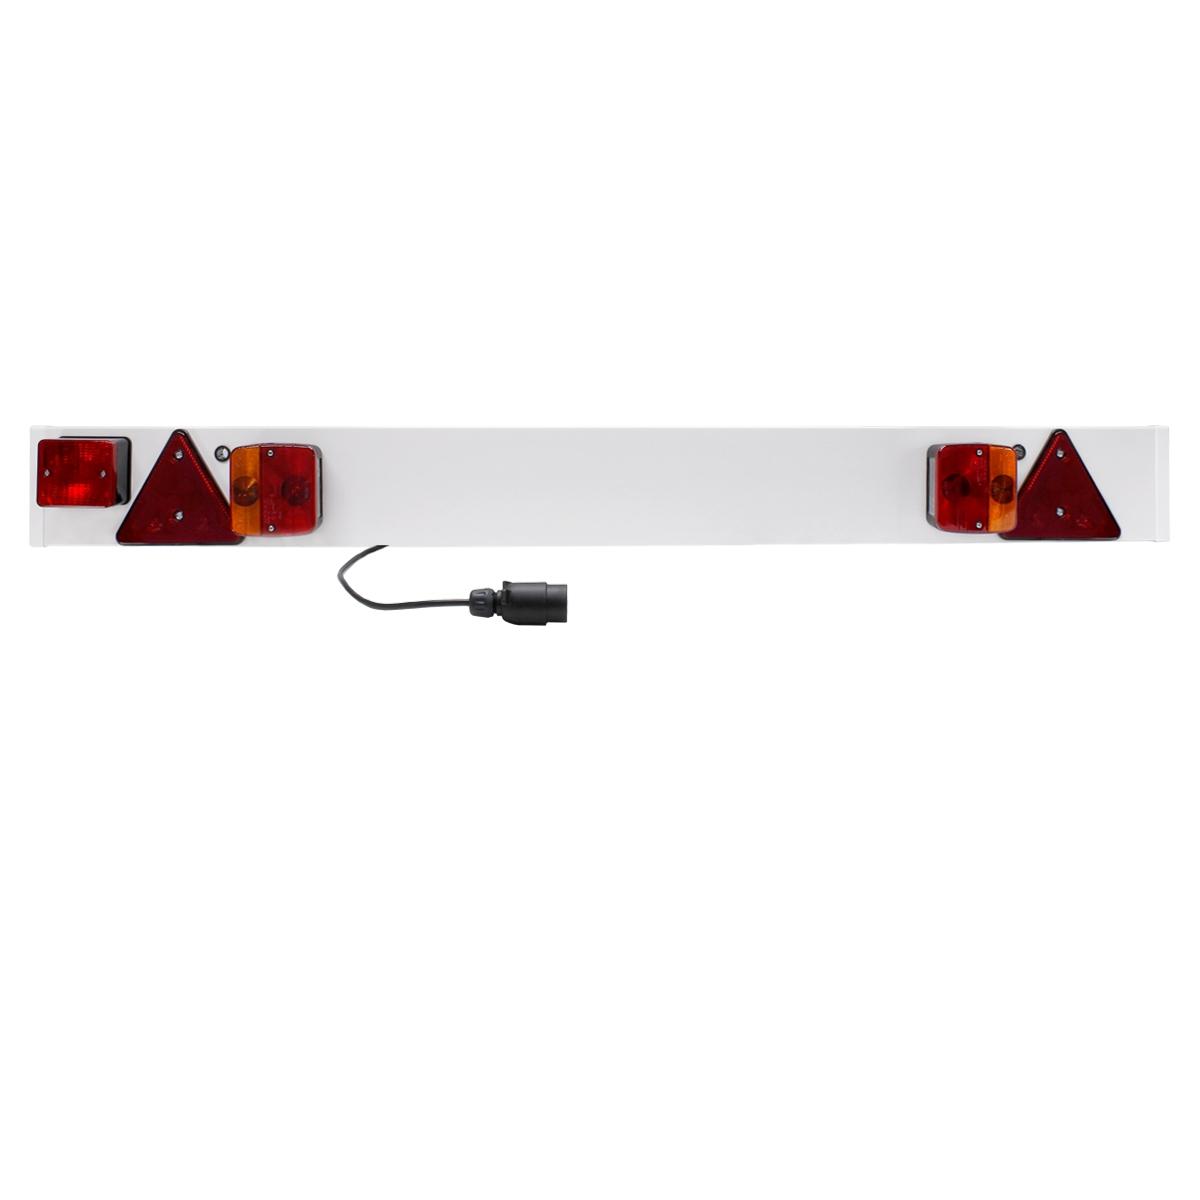 Anhängerbeleuchtung Beleuchtungsbalken Anhänger Leuchte 6m Lichtbrücke Trailer